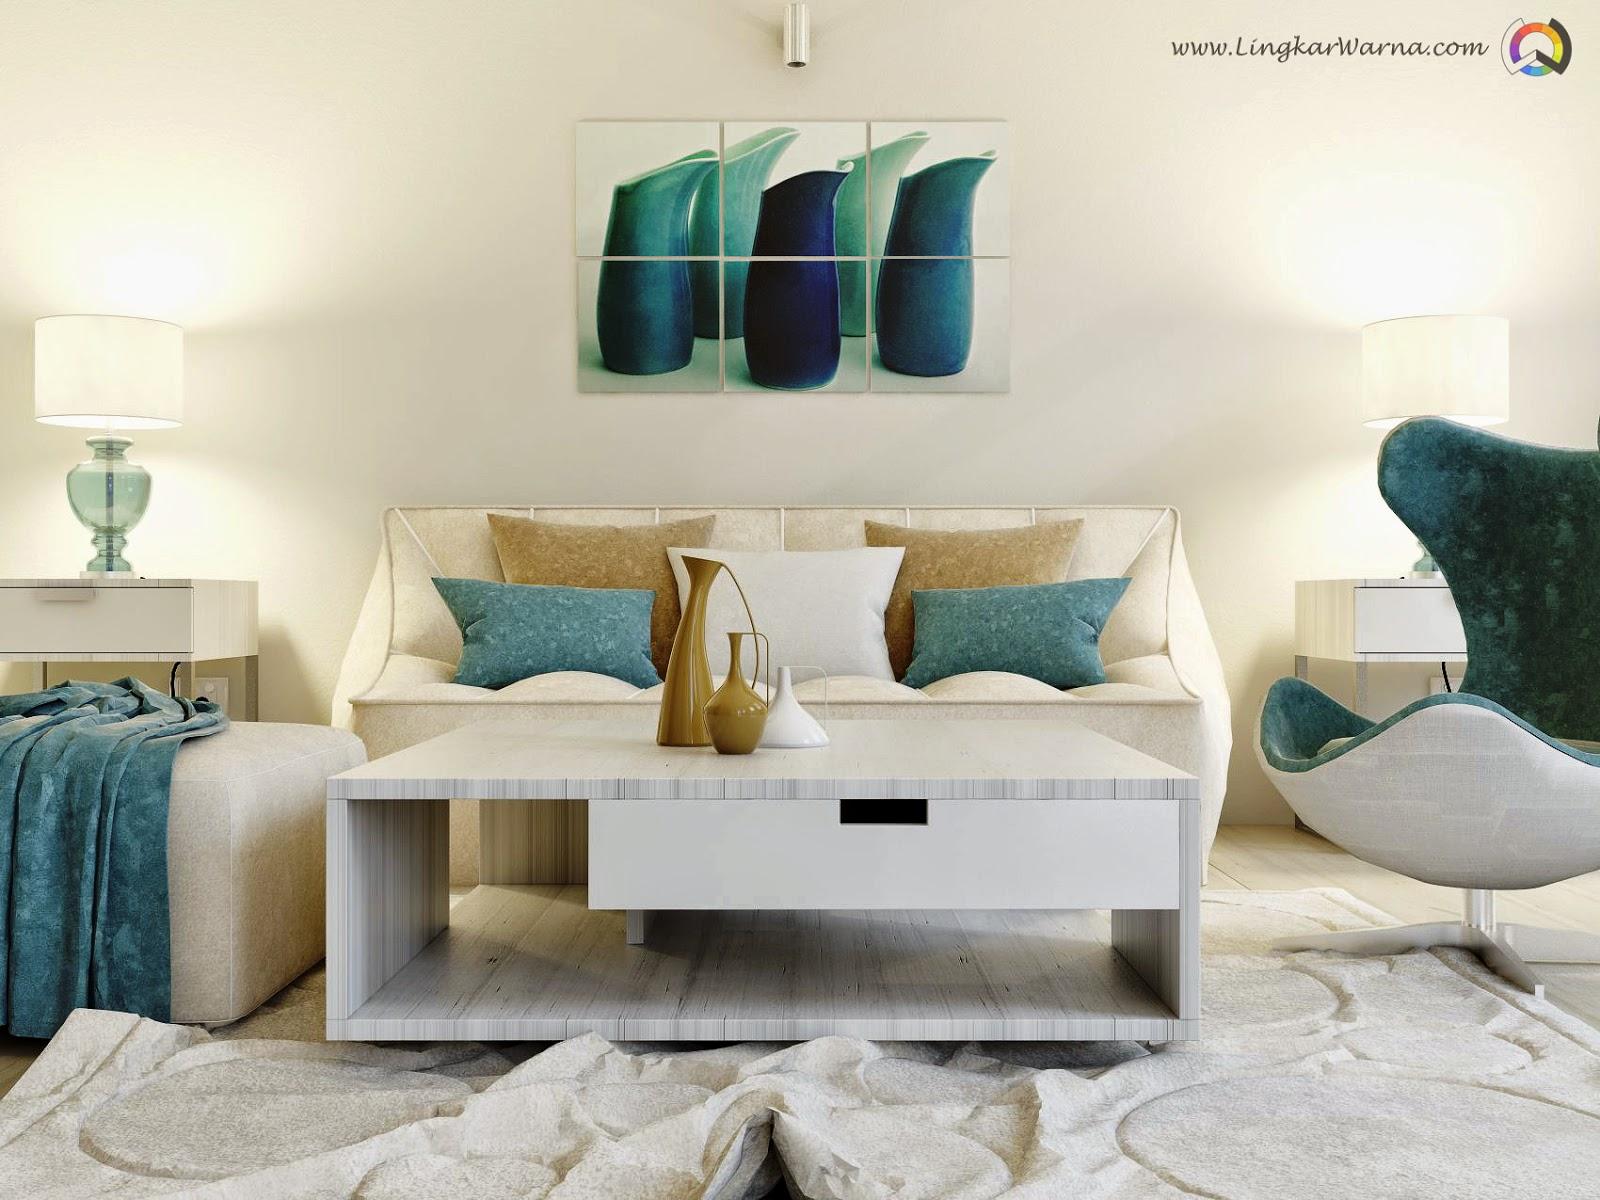 Desain interior ruang keluarga dengan tema putih bersih